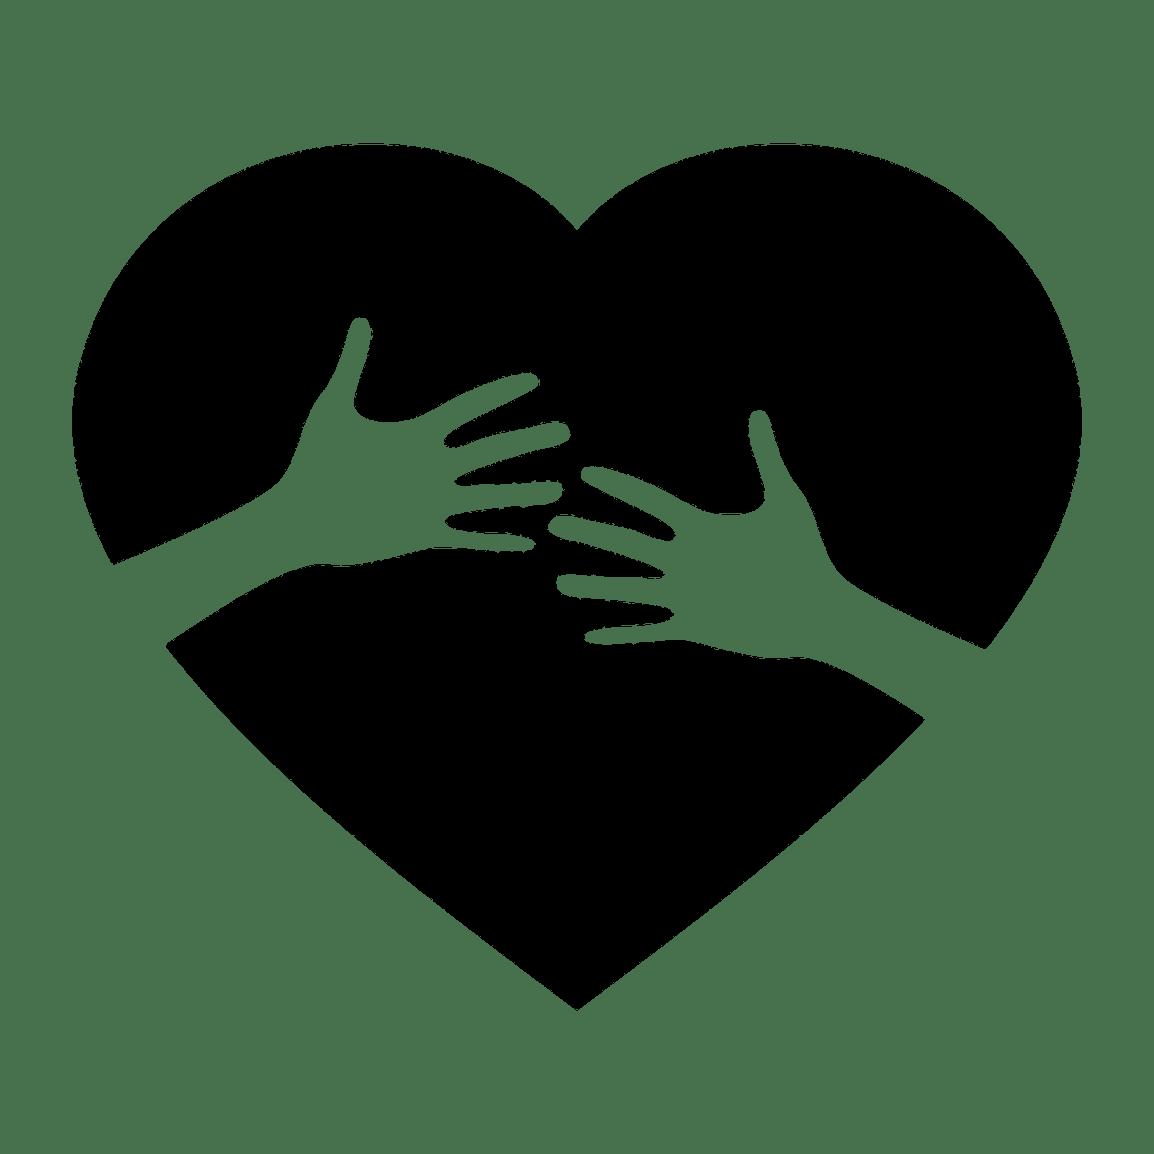 Les saisons de l'amour / Clémentine Beauvais – Songe à ladouceur